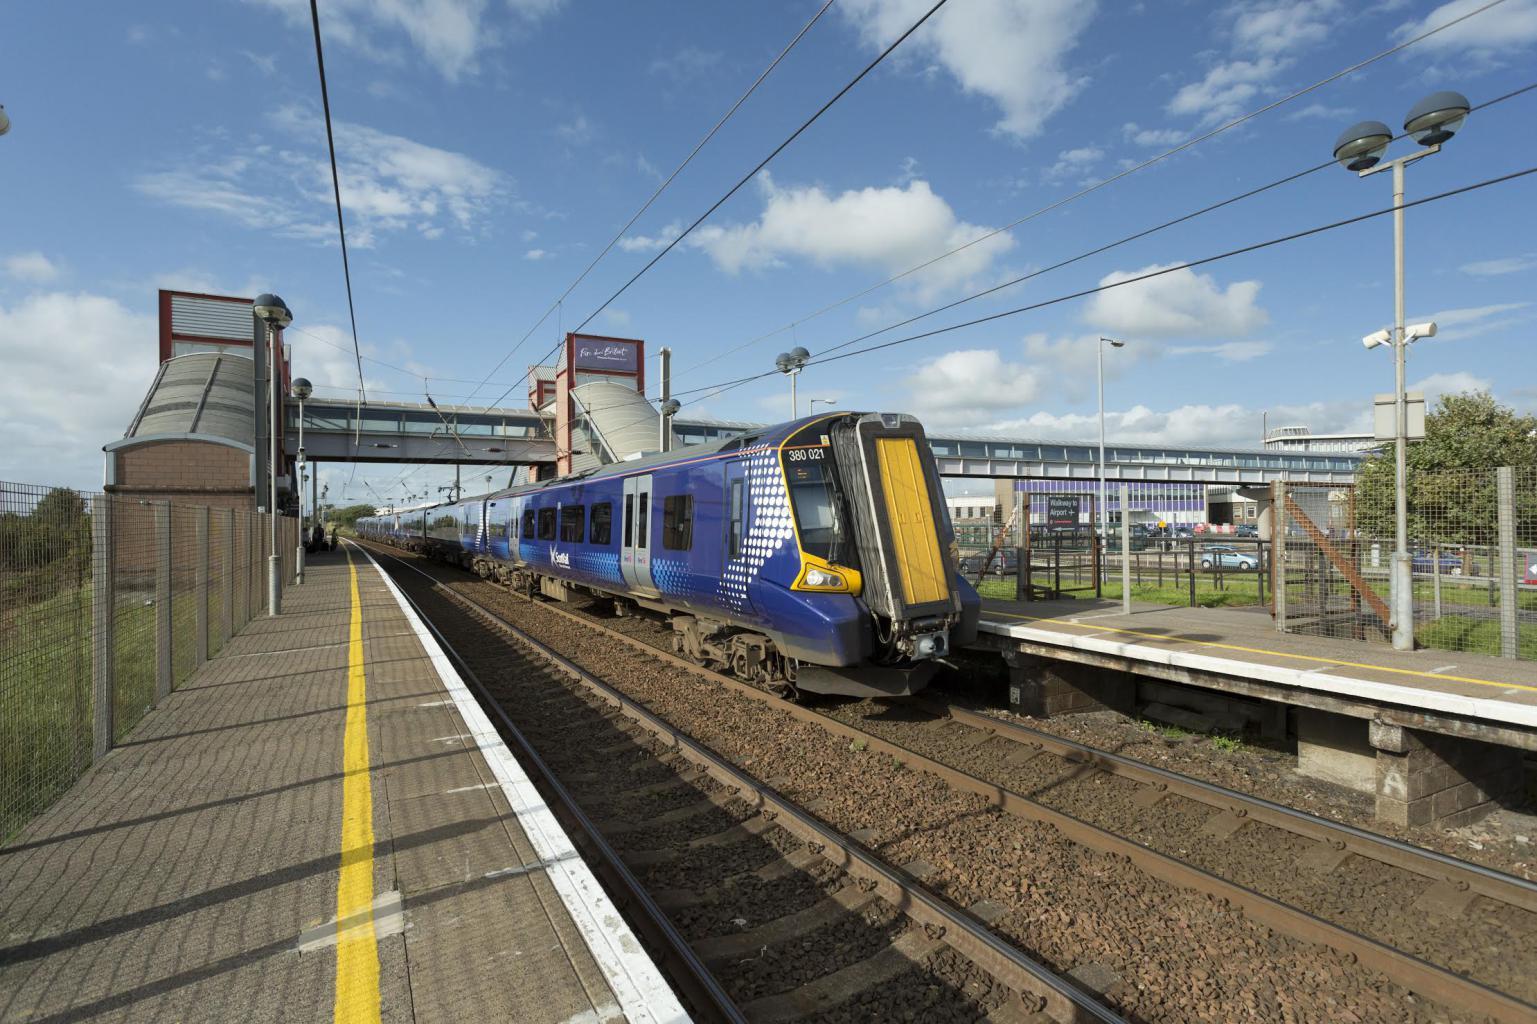 Glasgow Prestwick Train station